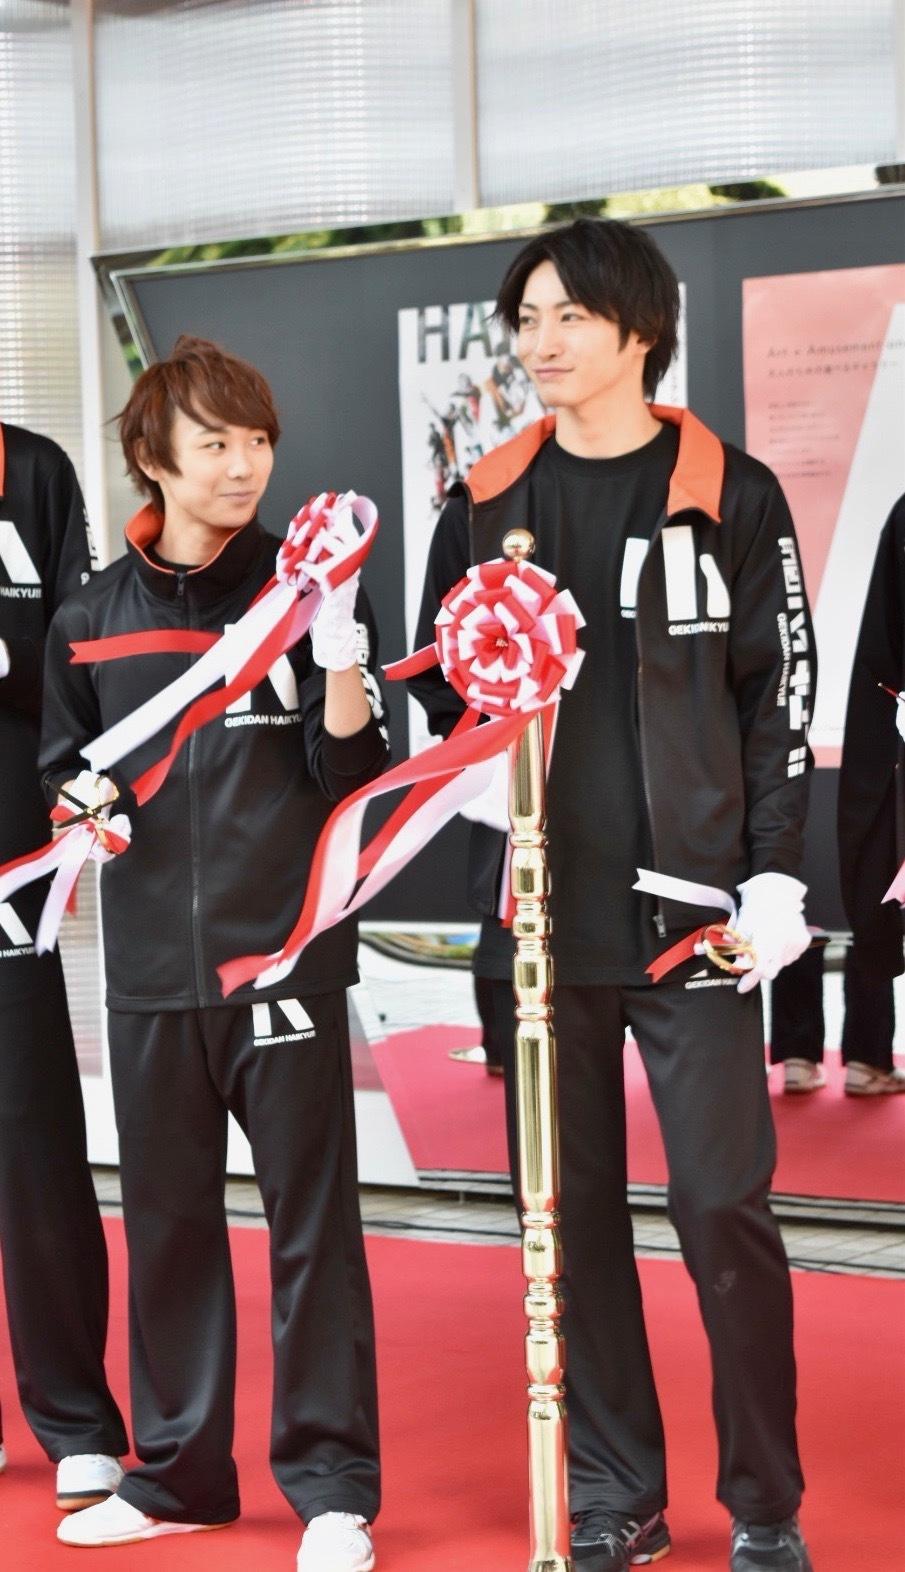 左より須賀健太、木村達成